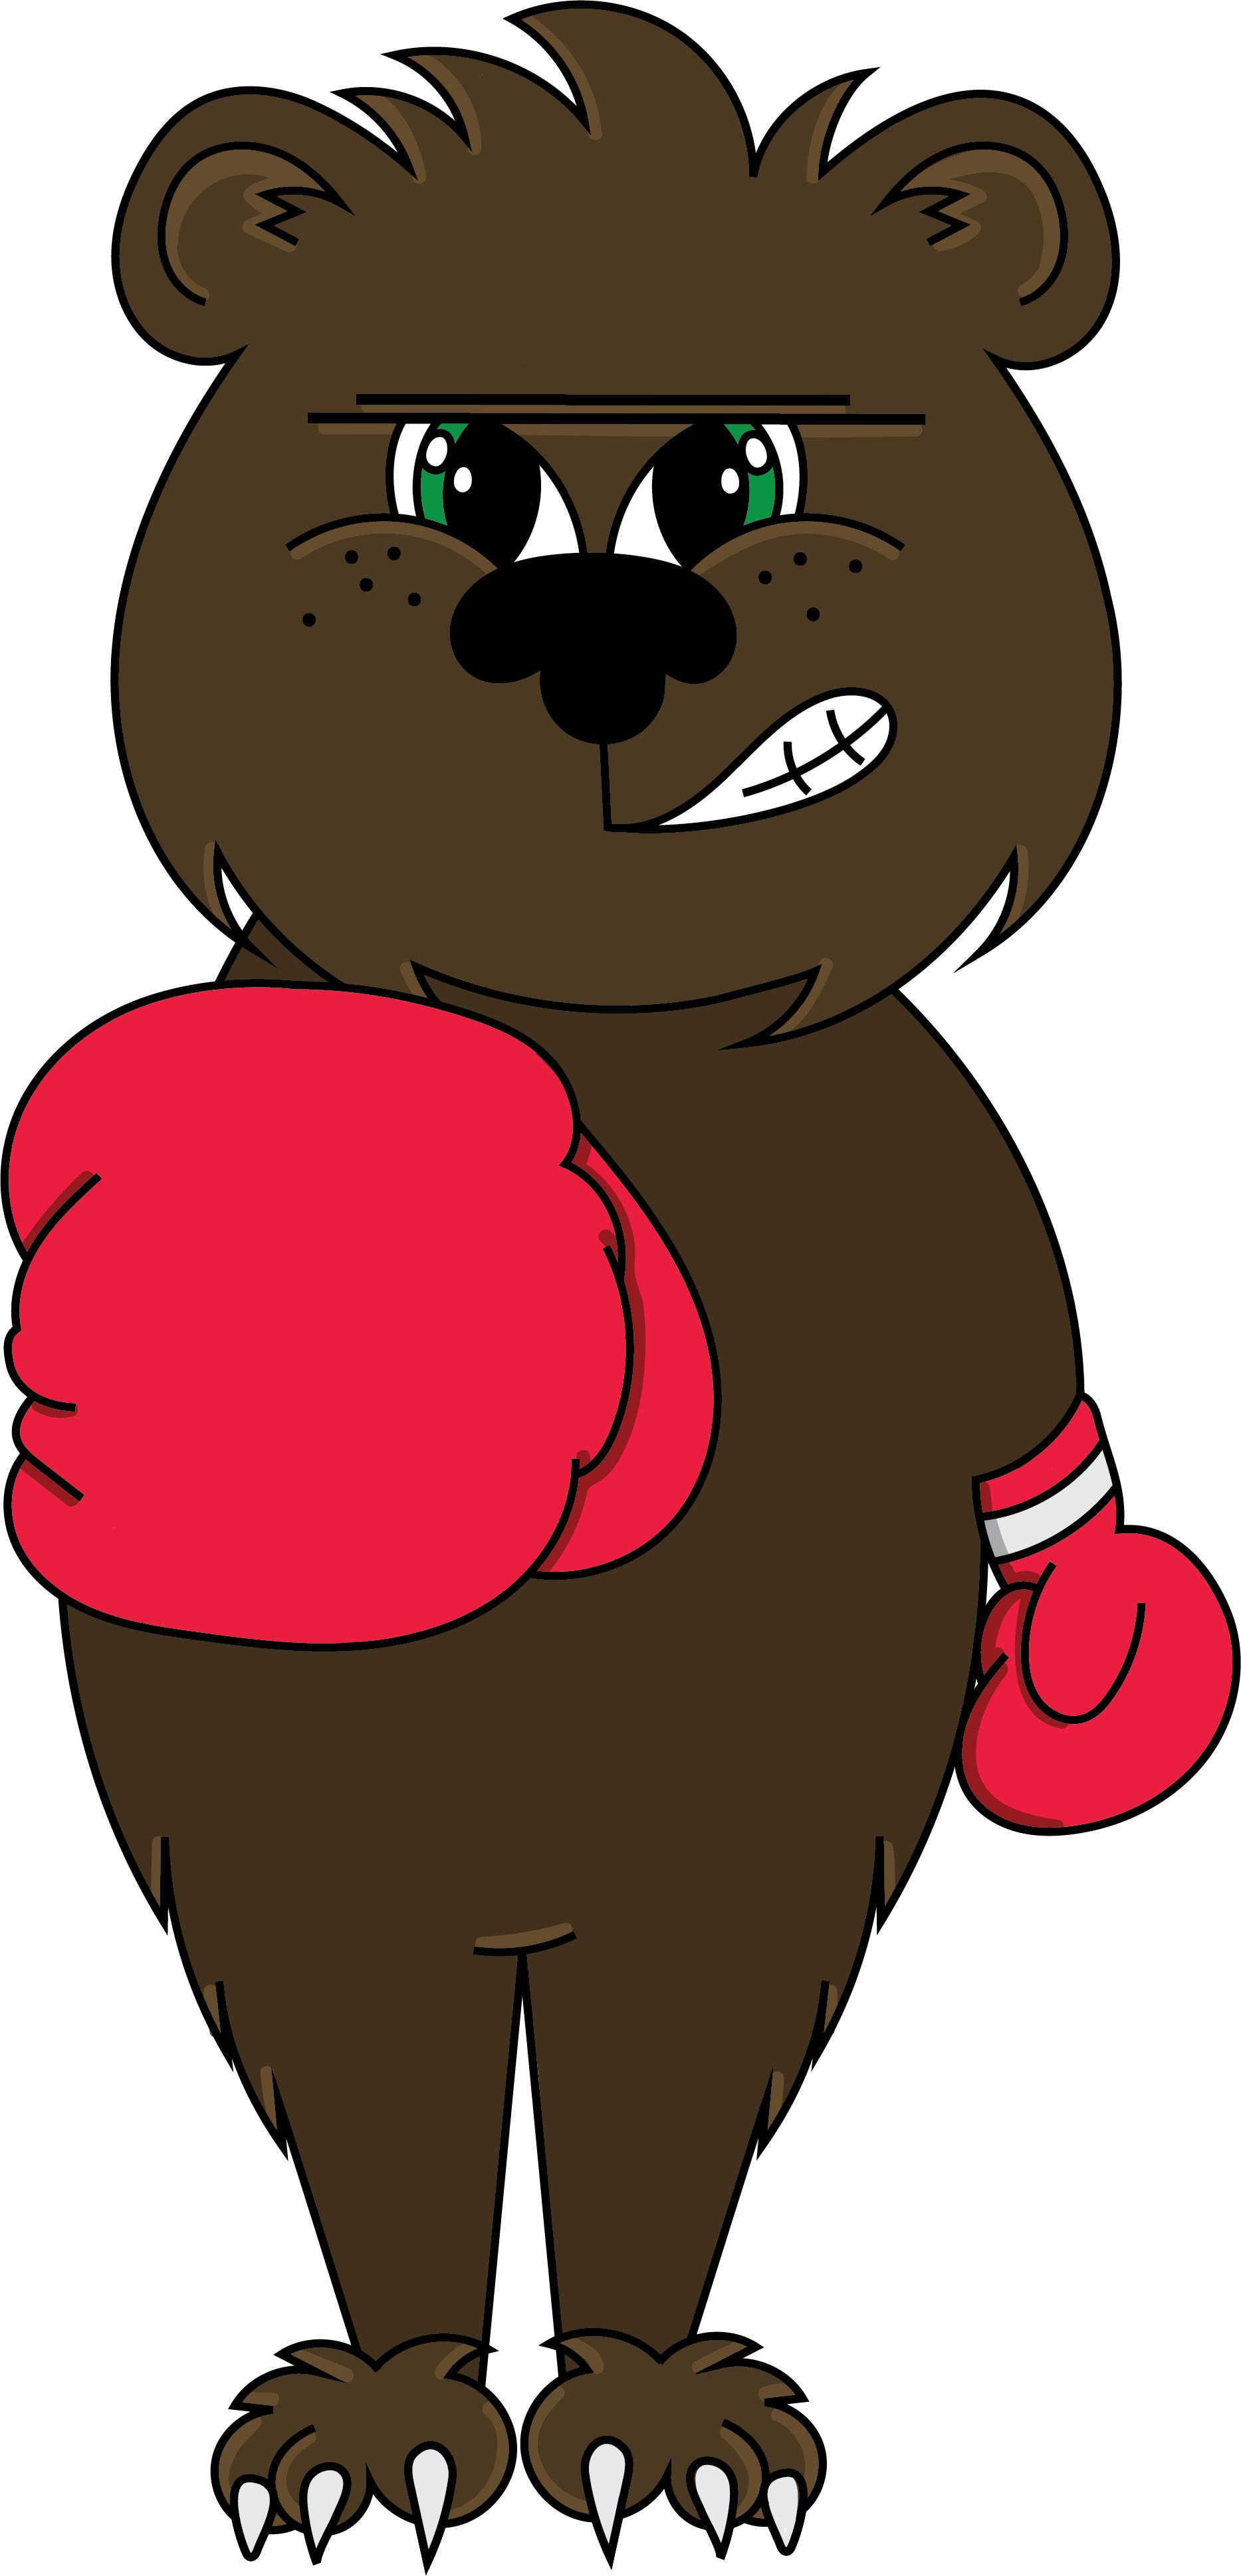 Jordan cameron bear